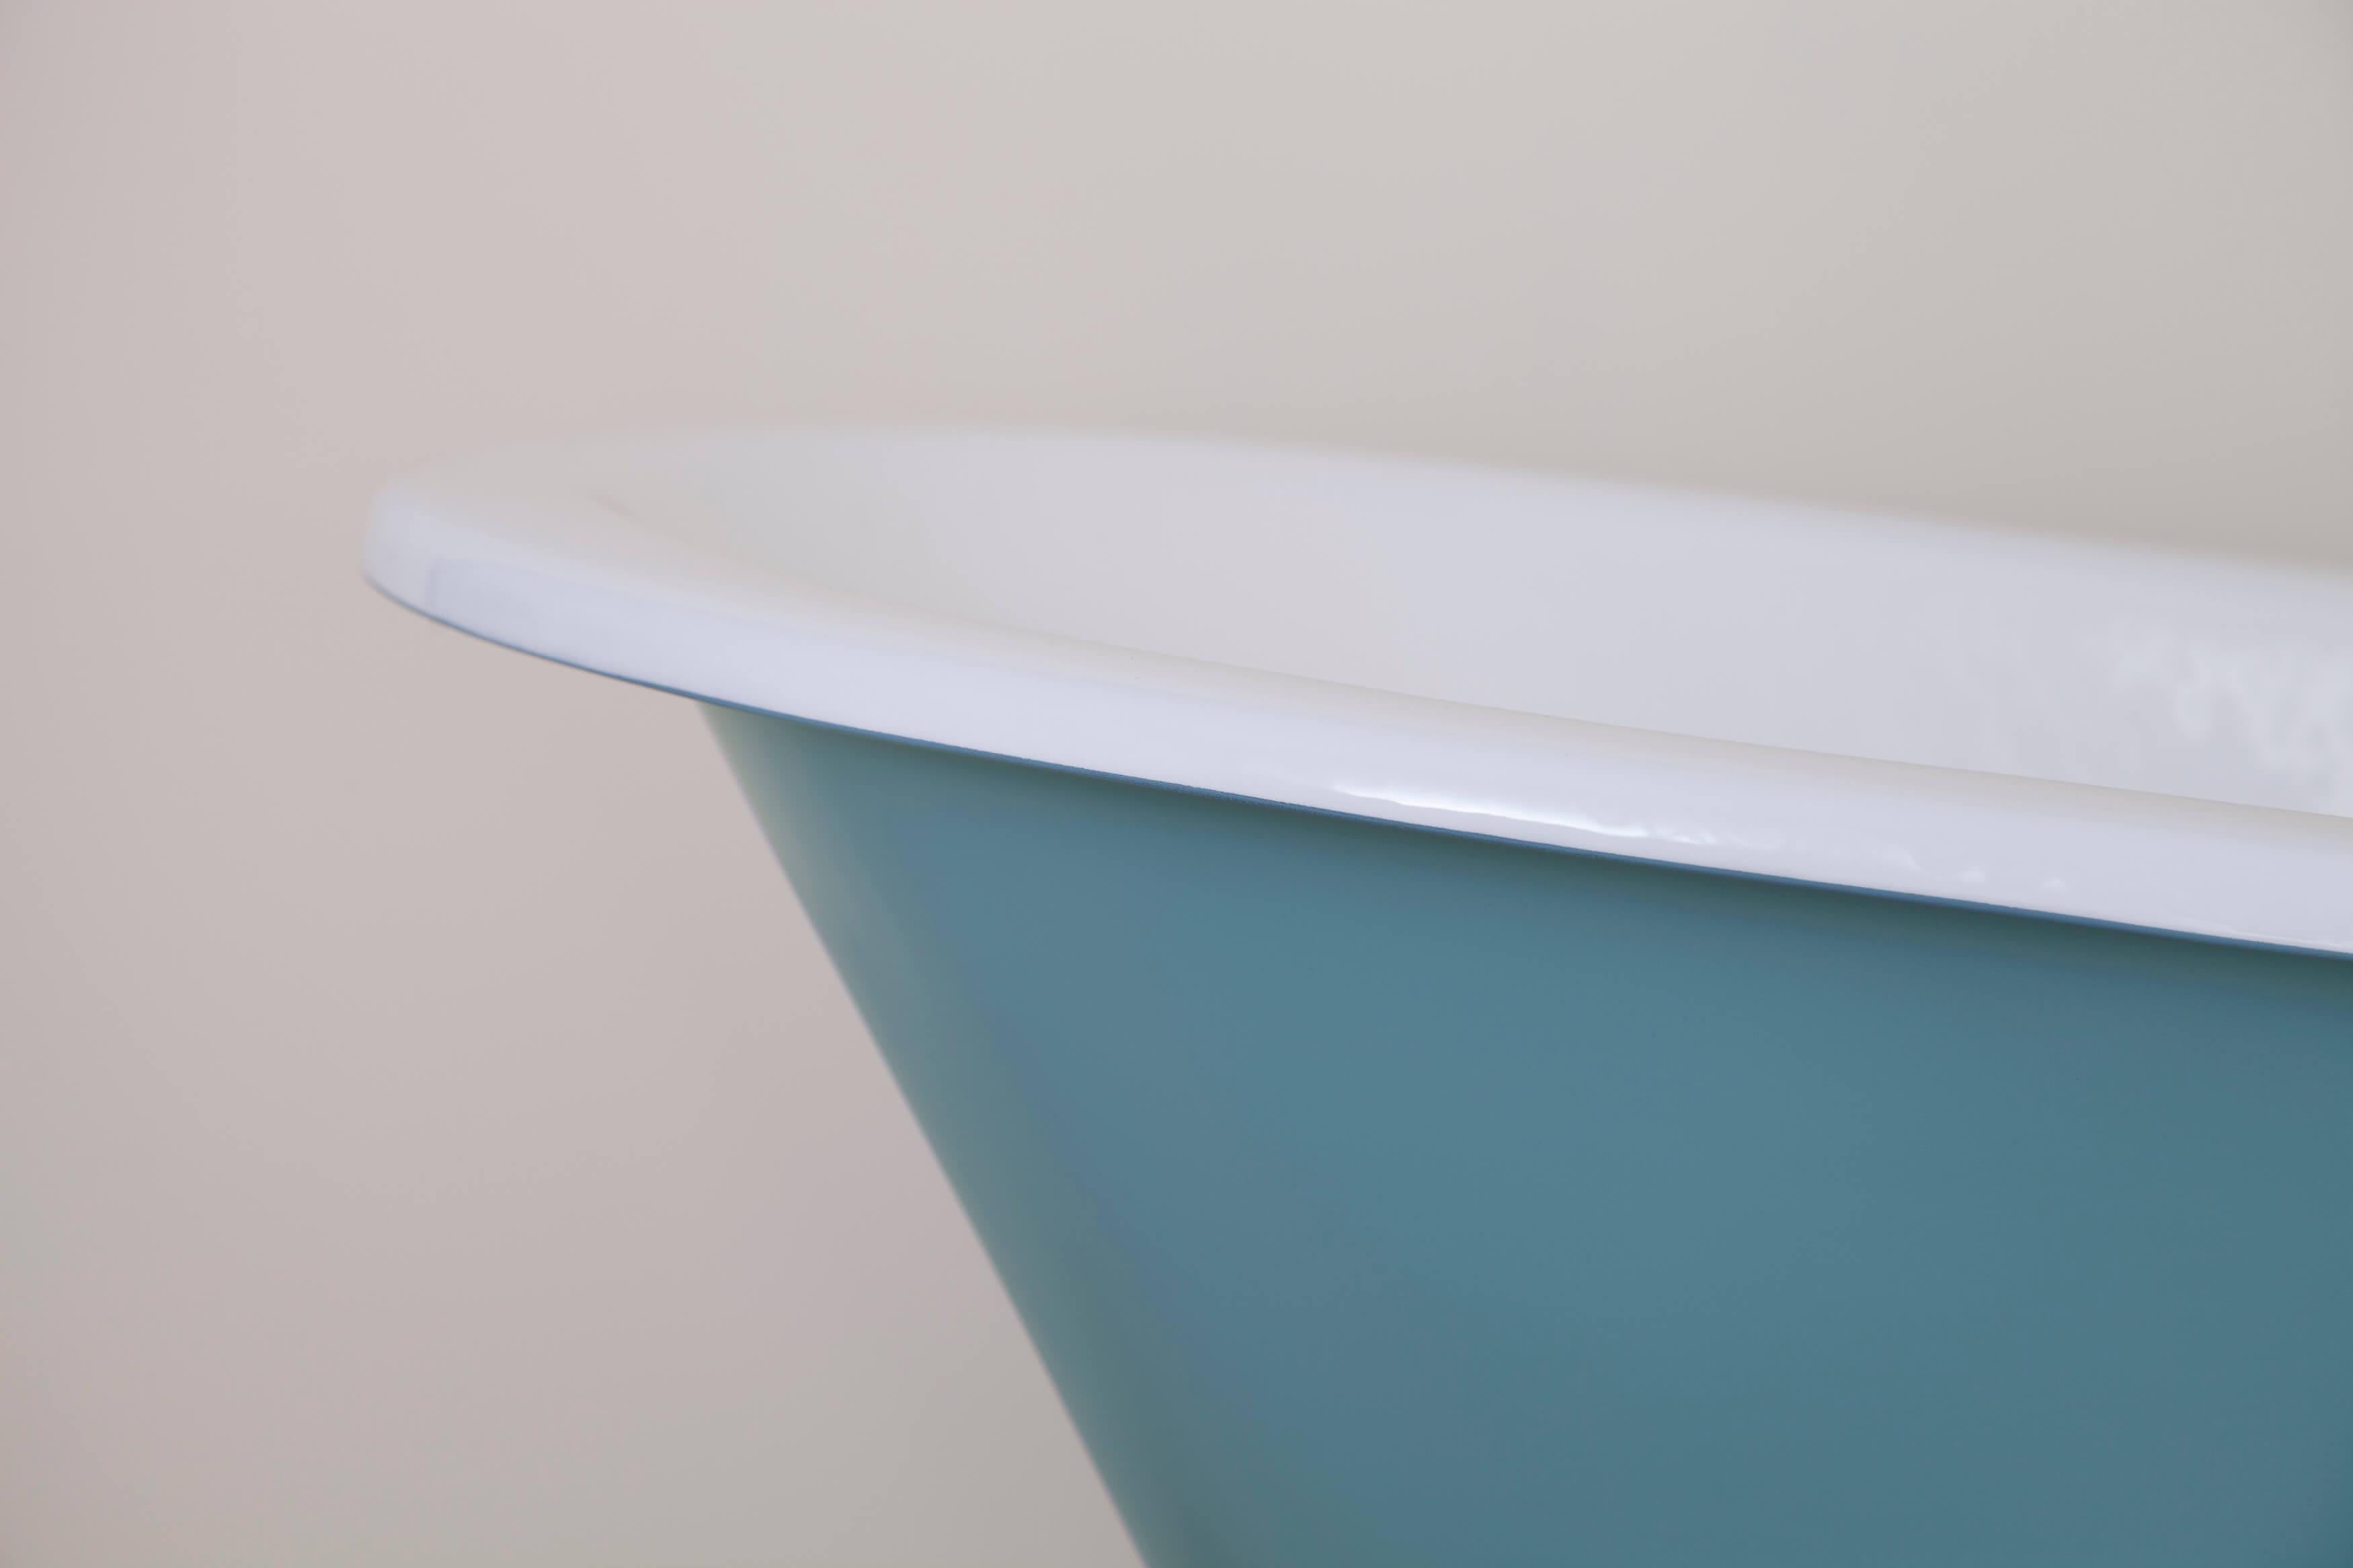 Beaulieu\' Single High Slipper Cast Iron Roll Top Bath - Warwick ...